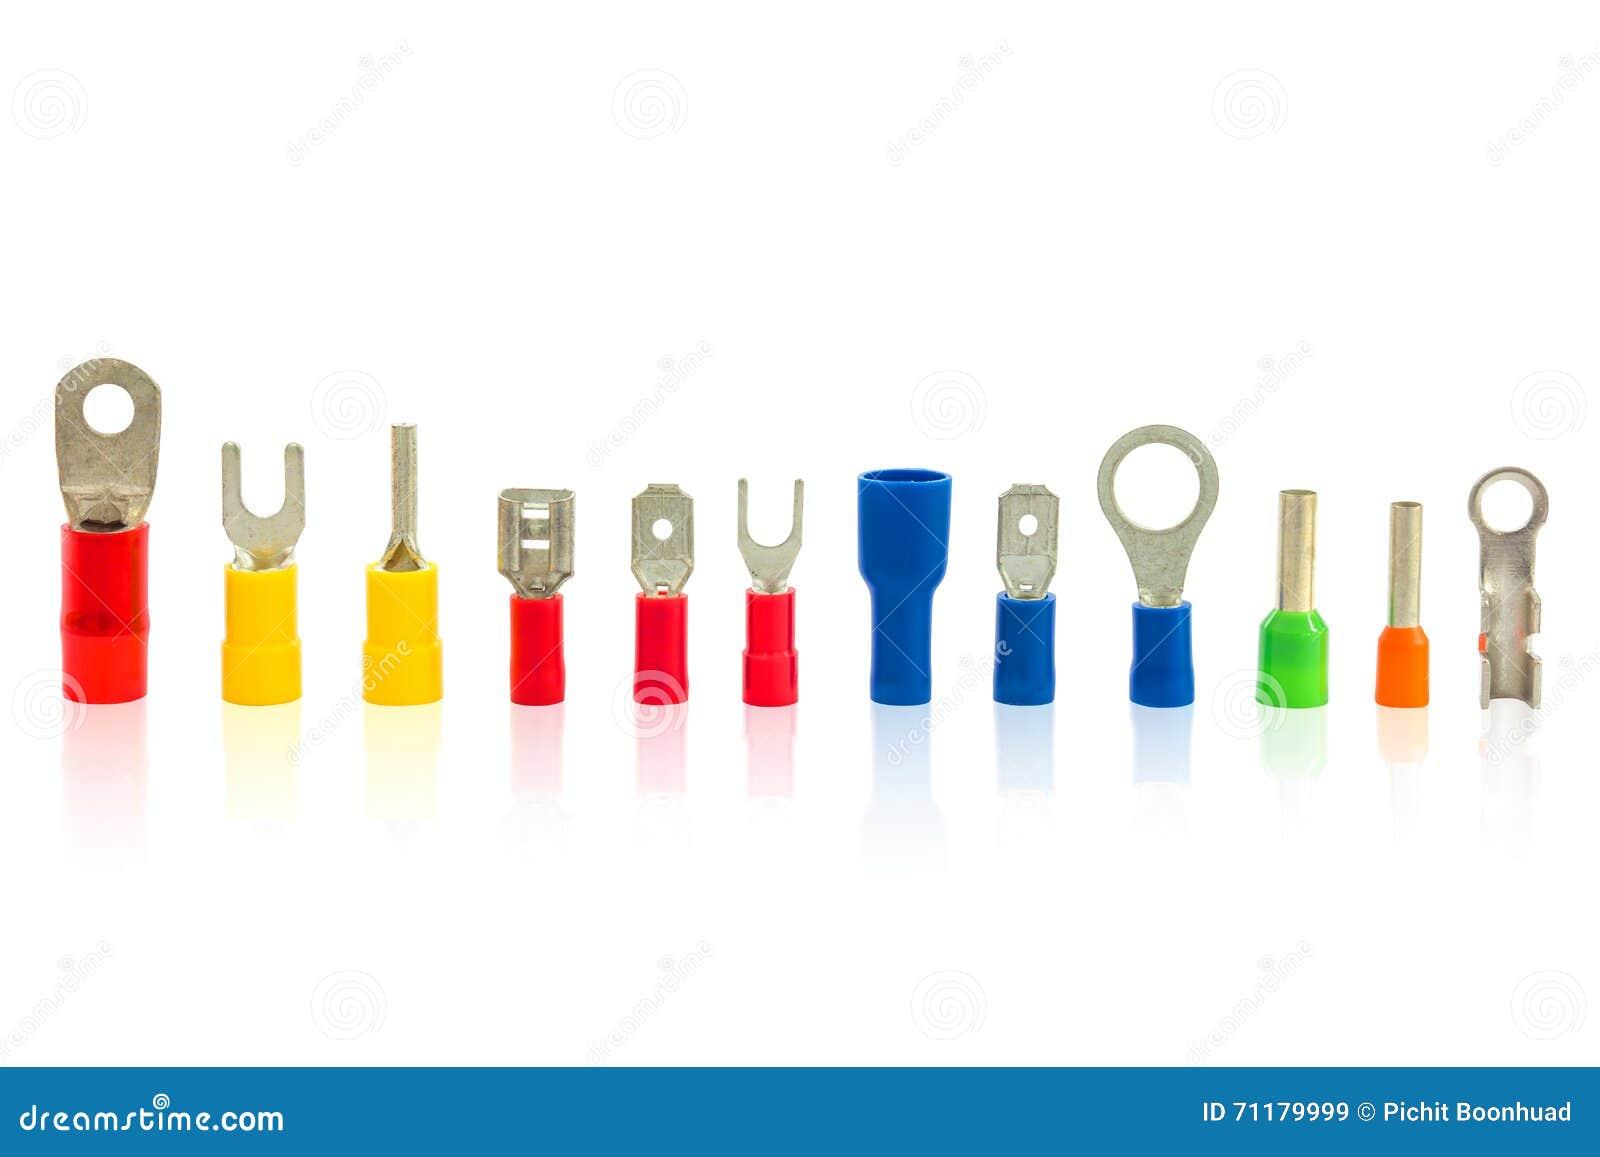 Lug καλωδίων χρήση για τη σύνδεση των καλωδίων, ηλεκτρικό termina